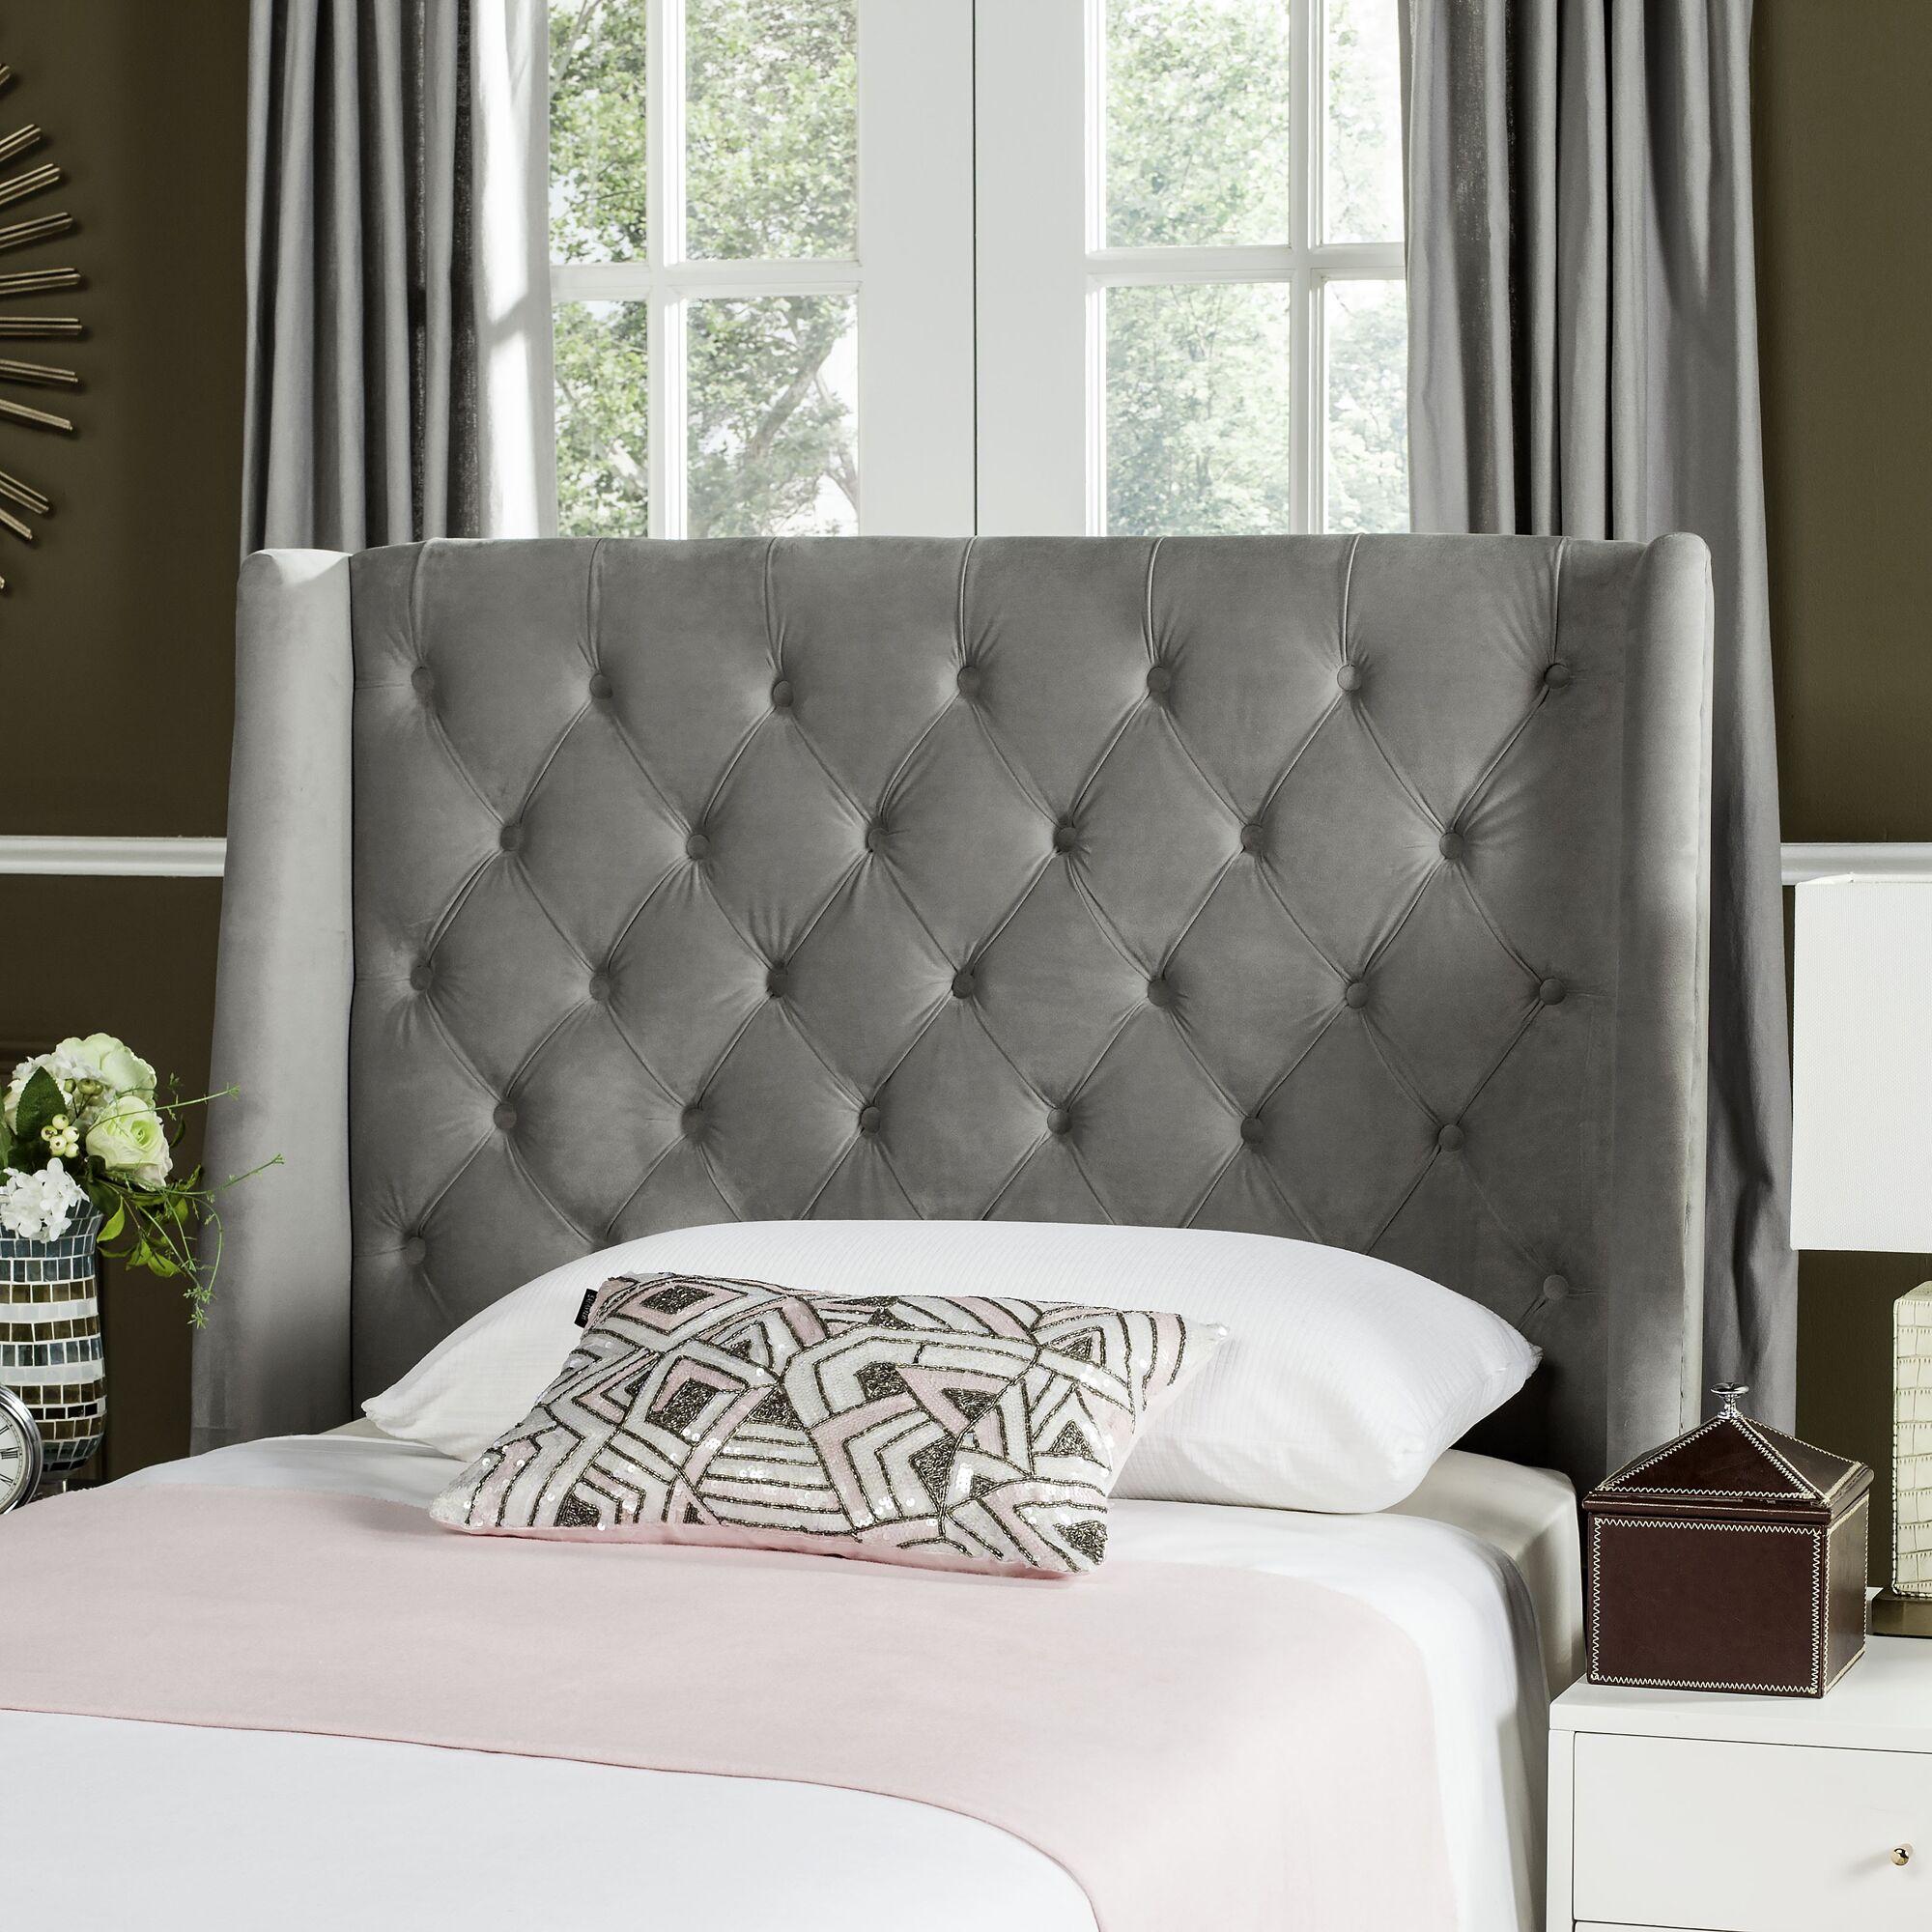 Center Trenton Upholstered Wingback Headboard Size: Full, Upholstery: Velvet Pewter